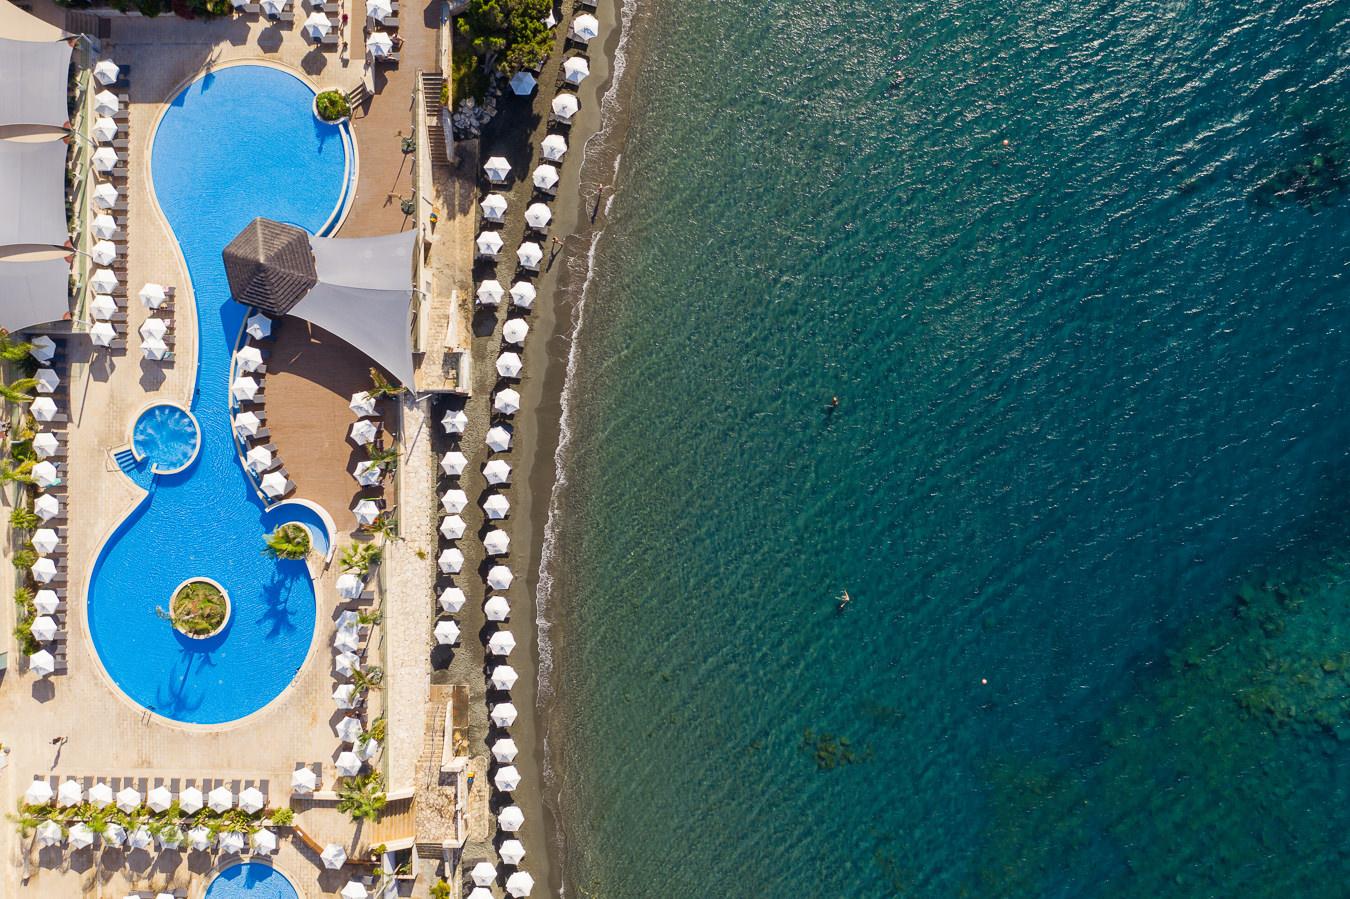 Royal Apollonia, Louis Hotels Cyprus, Γιώργος Φάκαρος - Αρχιτεκτονική Φωτογραφία | Εσωτερικοί Χώροι | Φωτογραφία Ξενοδοχειών - Photography / Φωτογραφία